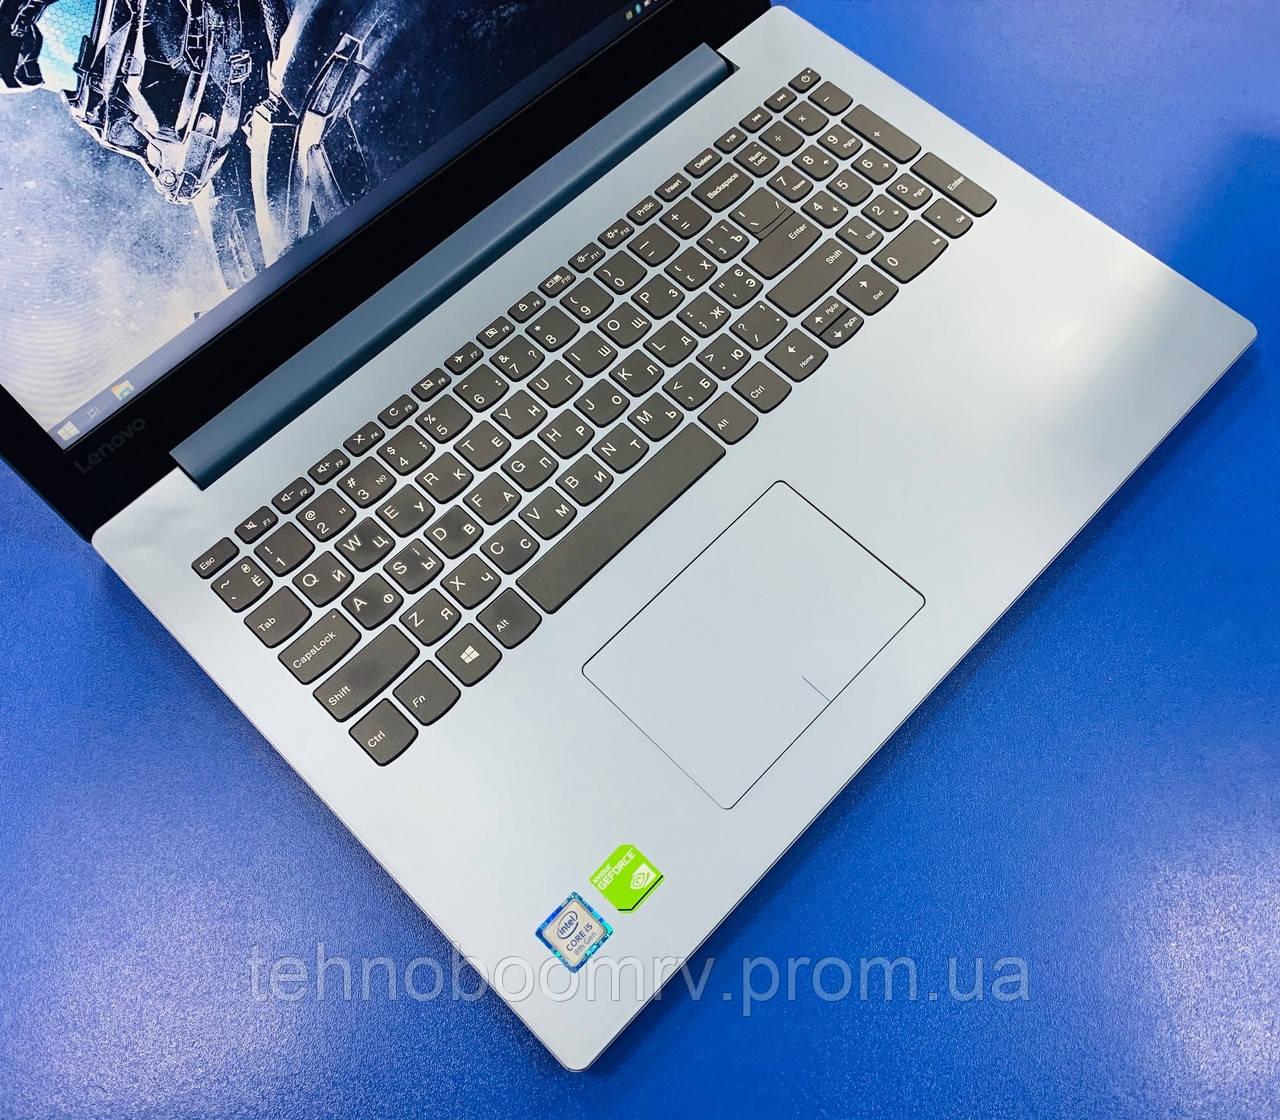 Игровой Lenovo/15.6 FHD/Intel i5-8250U 3.4GHz/DDR4 8GB/Карта MX150 2GBНет в наличии 2